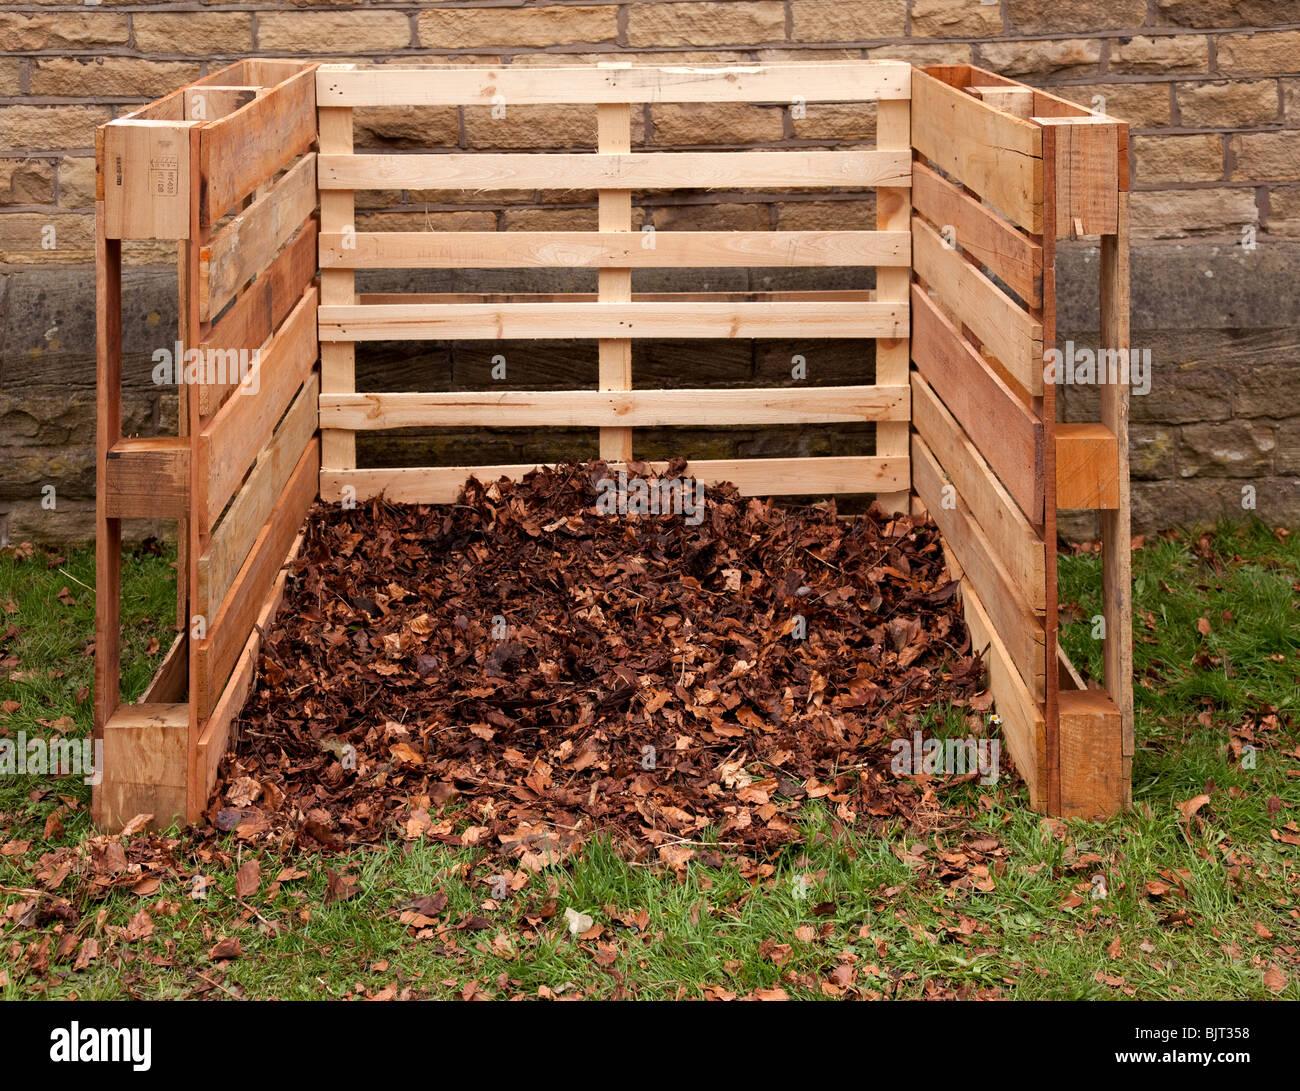 komposter aus 3 recycelten paletten f r den hausgarten oder zuteilung hergestellt stockfoto. Black Bedroom Furniture Sets. Home Design Ideas